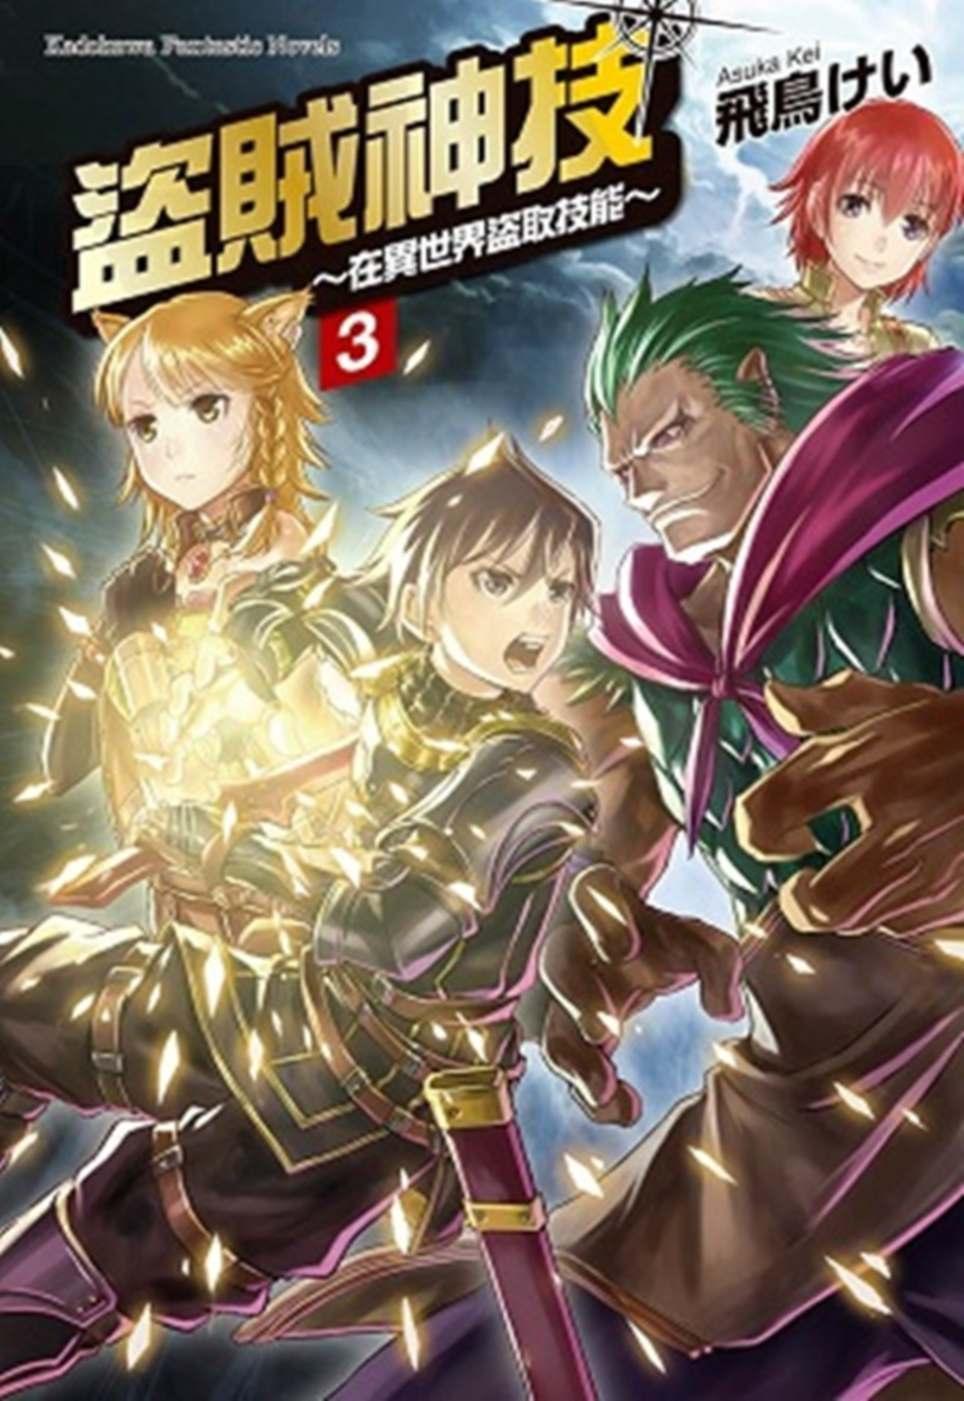 盜賊神技 ~在異世界盜取技能~ (3)